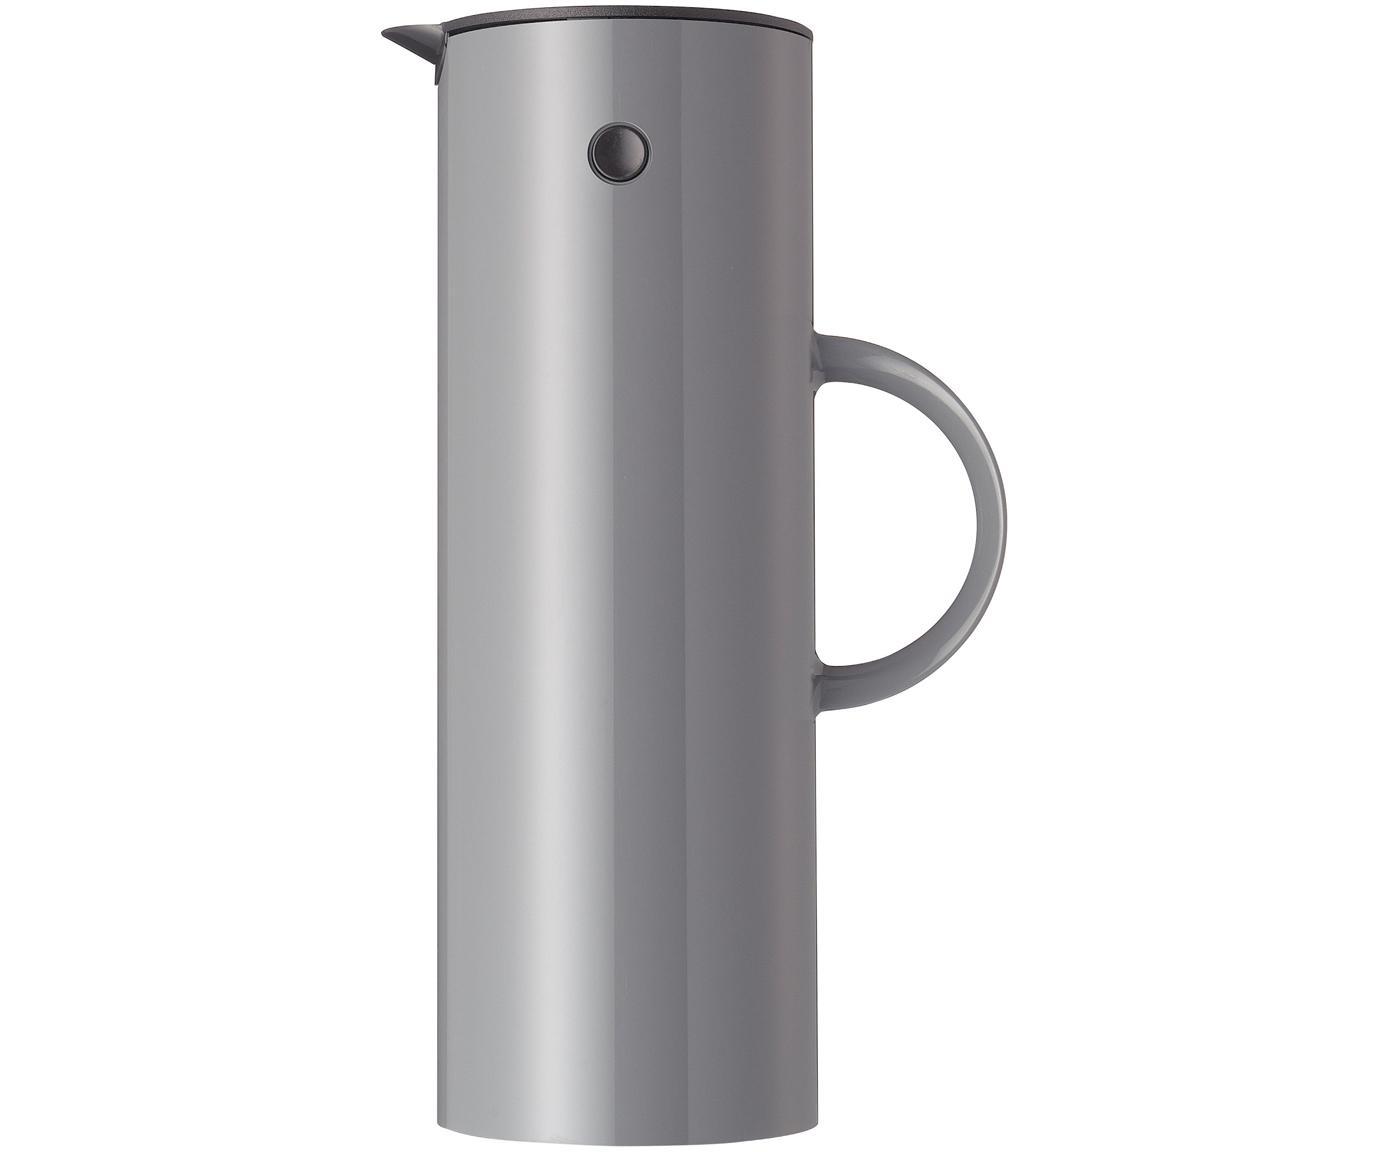 Brocca isotermica in grigio lucido EM77, Esterno: acciaio inossidabile, riv, Interno: materiale sintetico ABS c, Grigio granito, 1 l